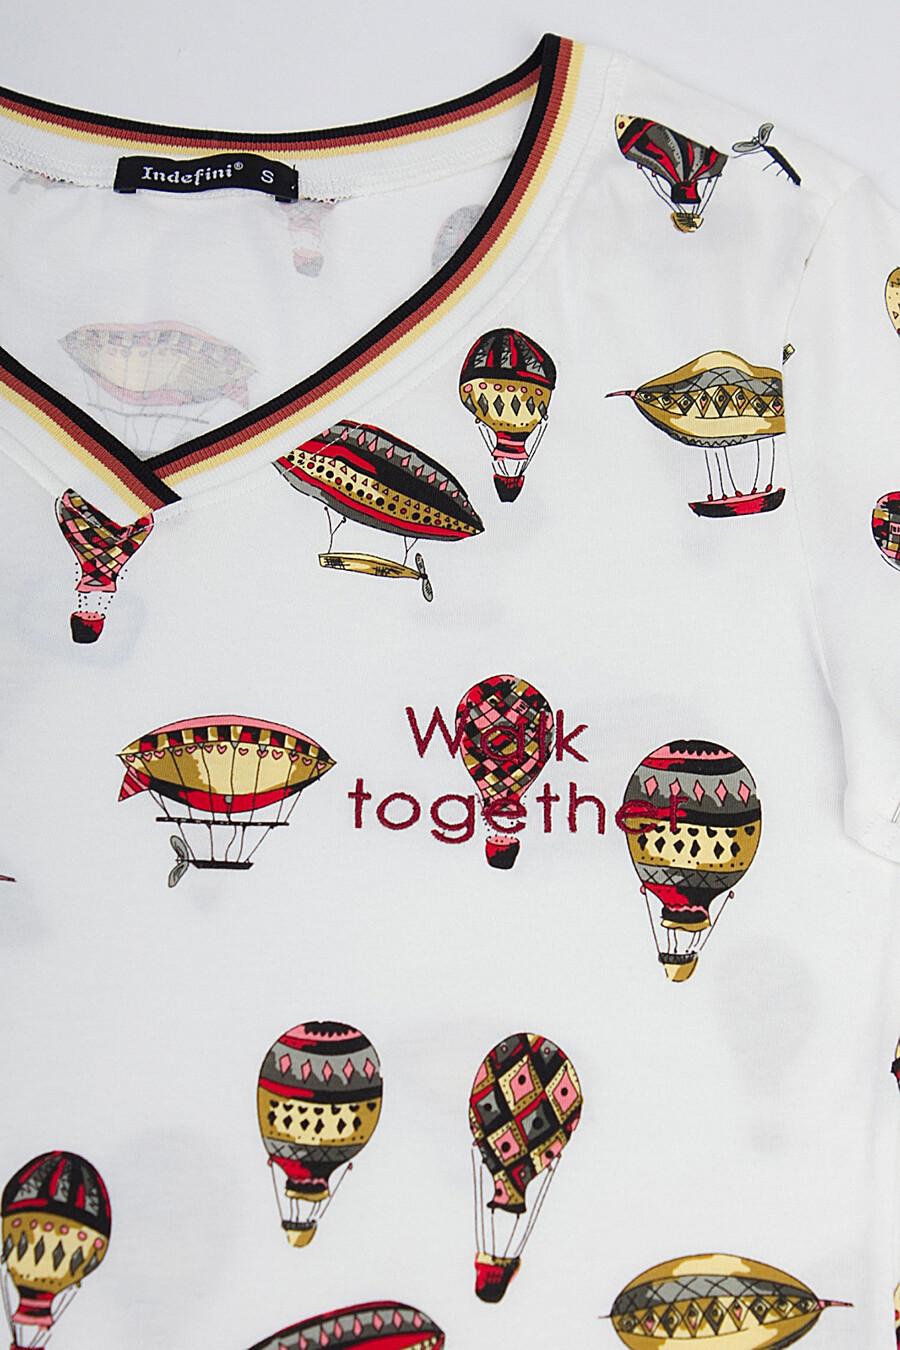 Пижама (Шорты+Футболка) для женщин INDEFINI 175857 купить оптом от производителя. Совместная покупка женской одежды в OptMoyo